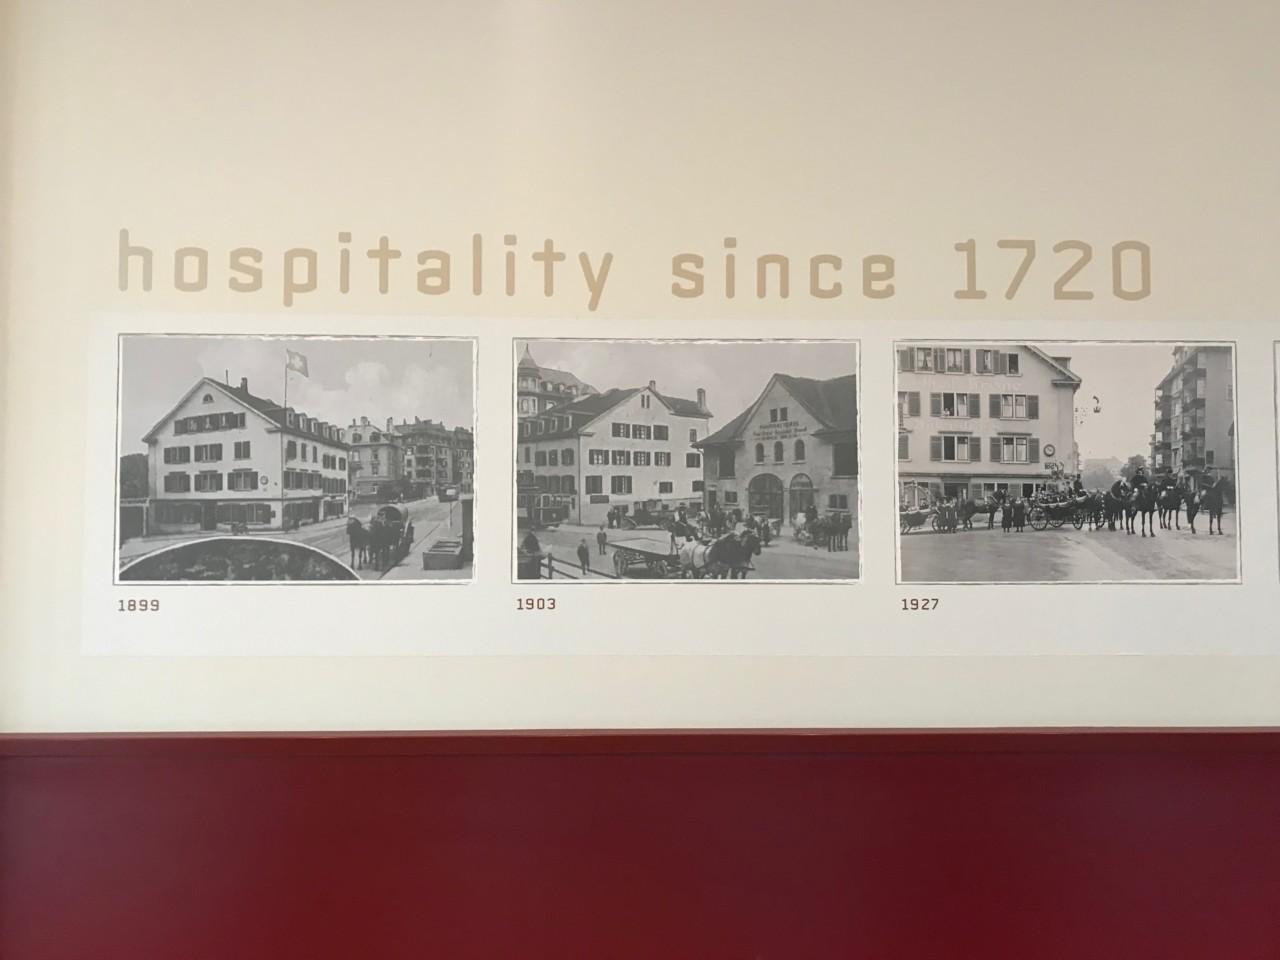 Hotel-Krone-Unterstrass-1